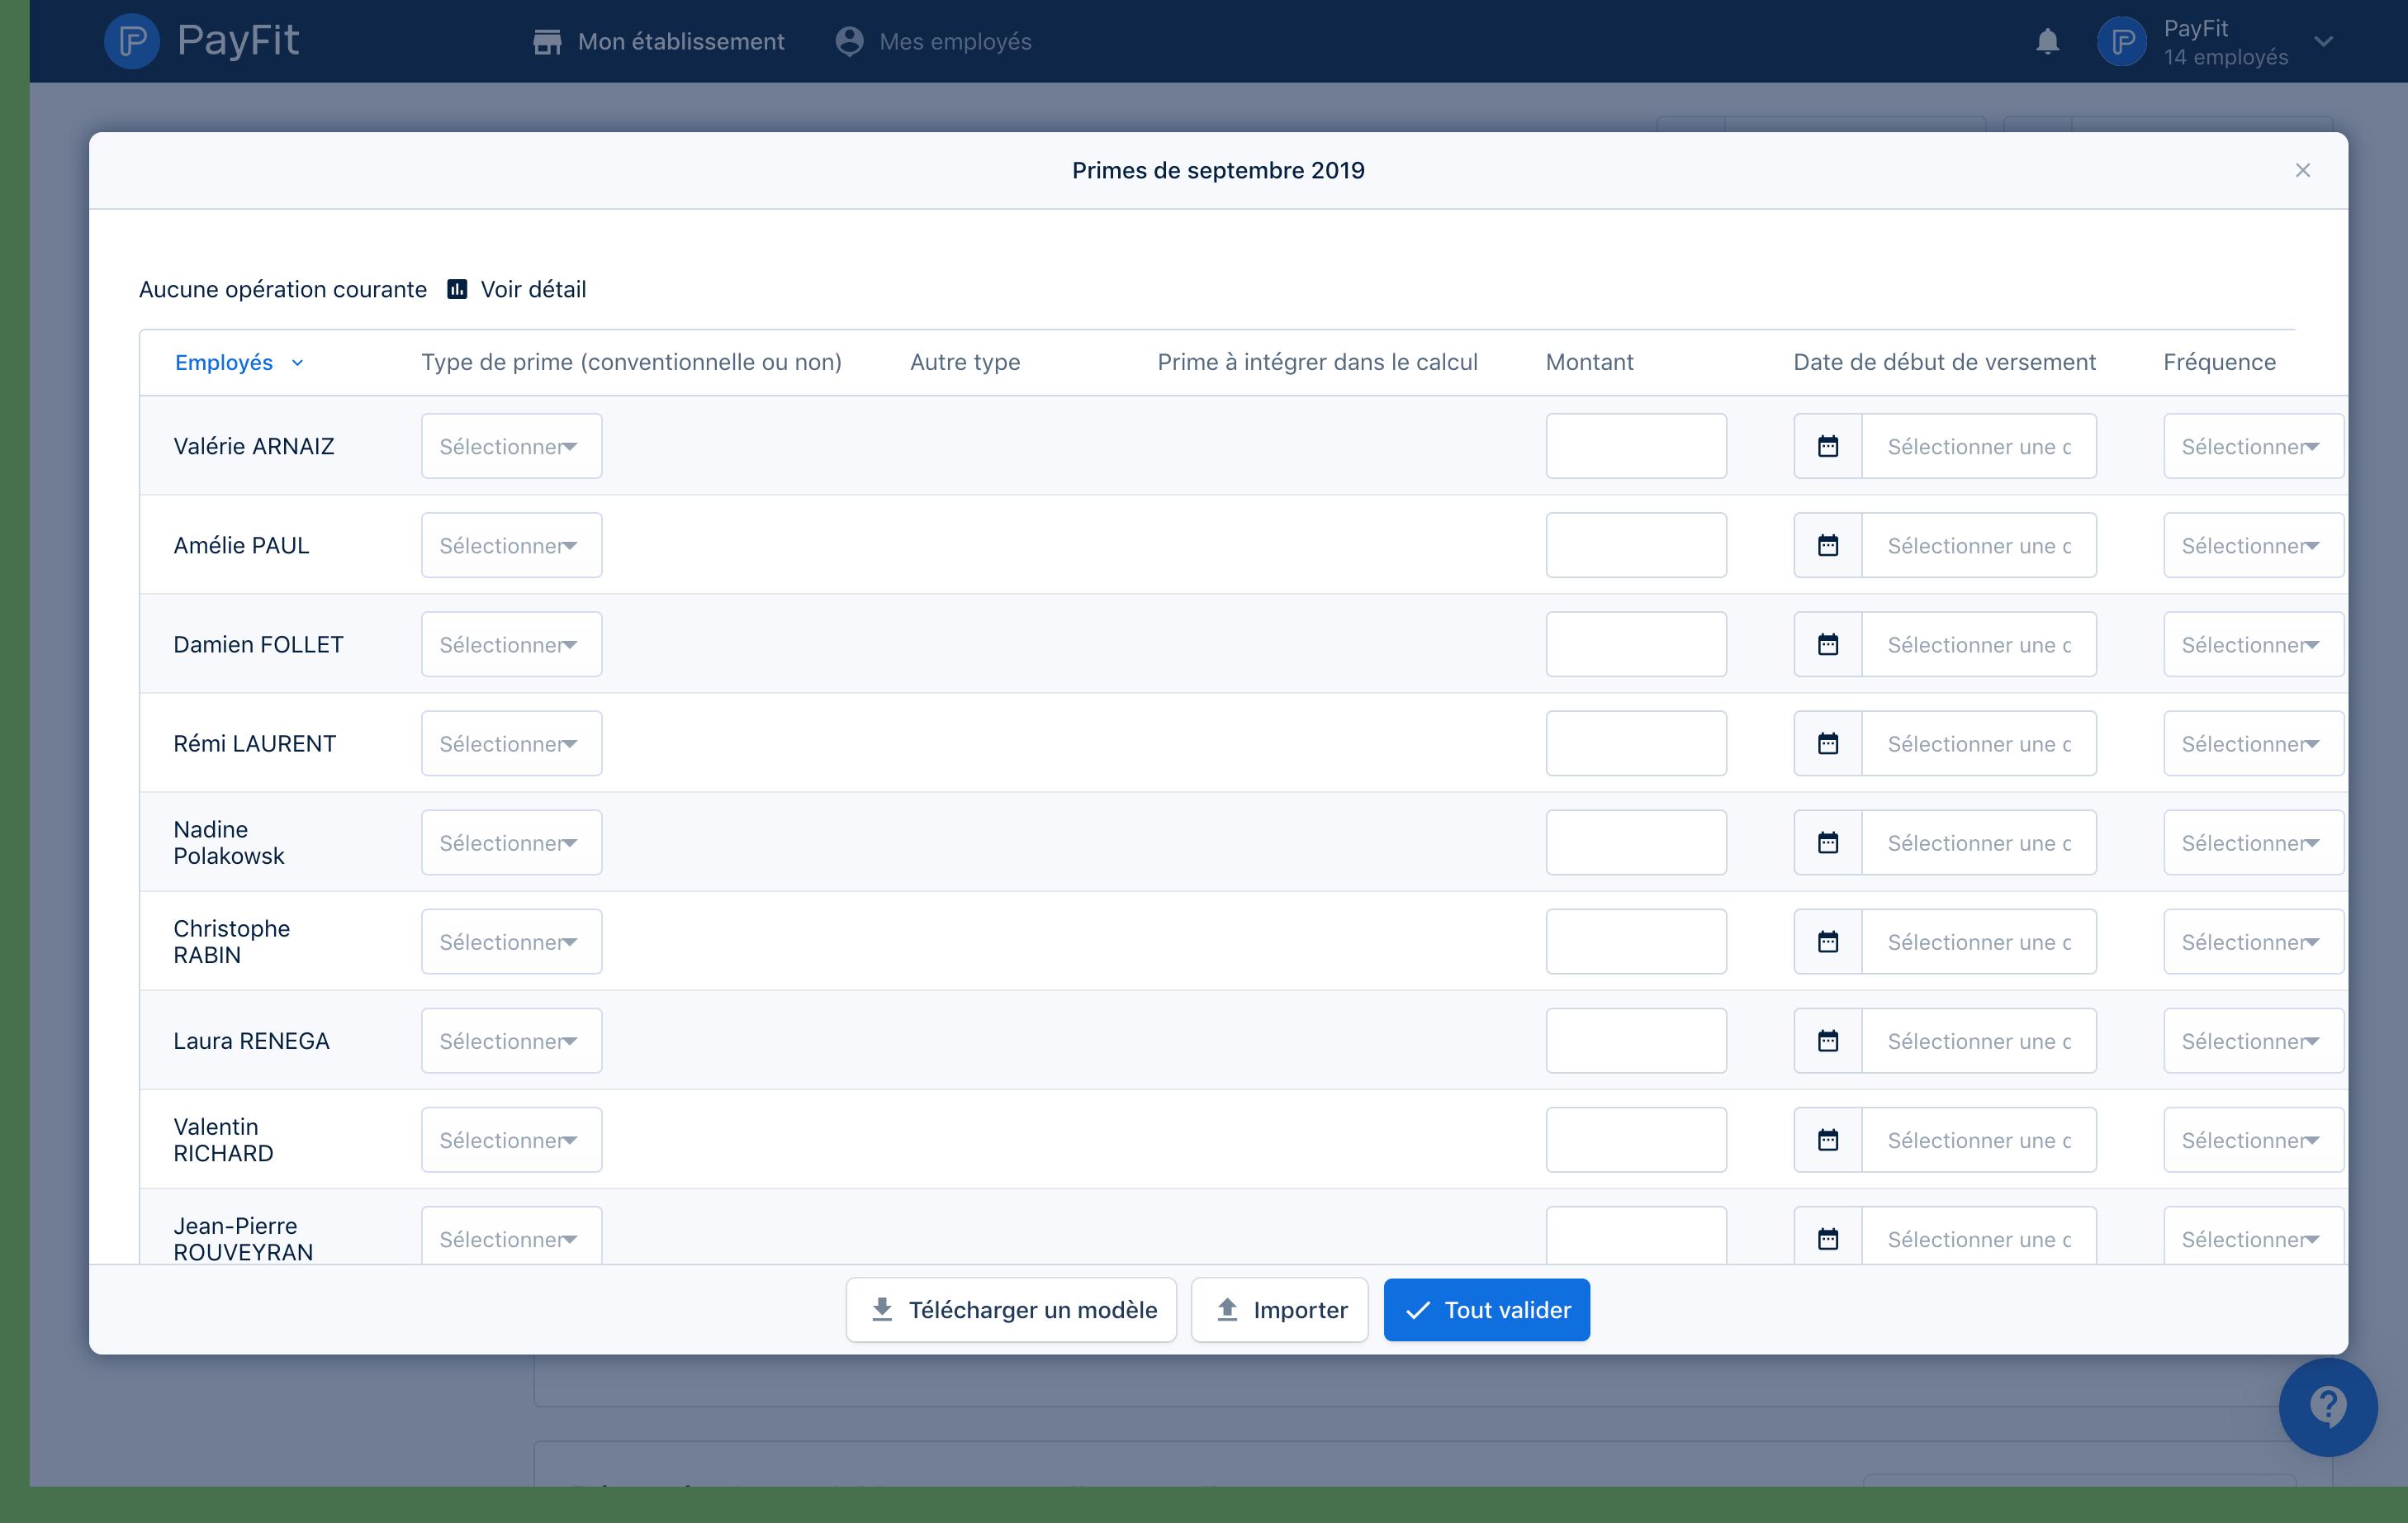 L'import des variables de paie dans PayFit